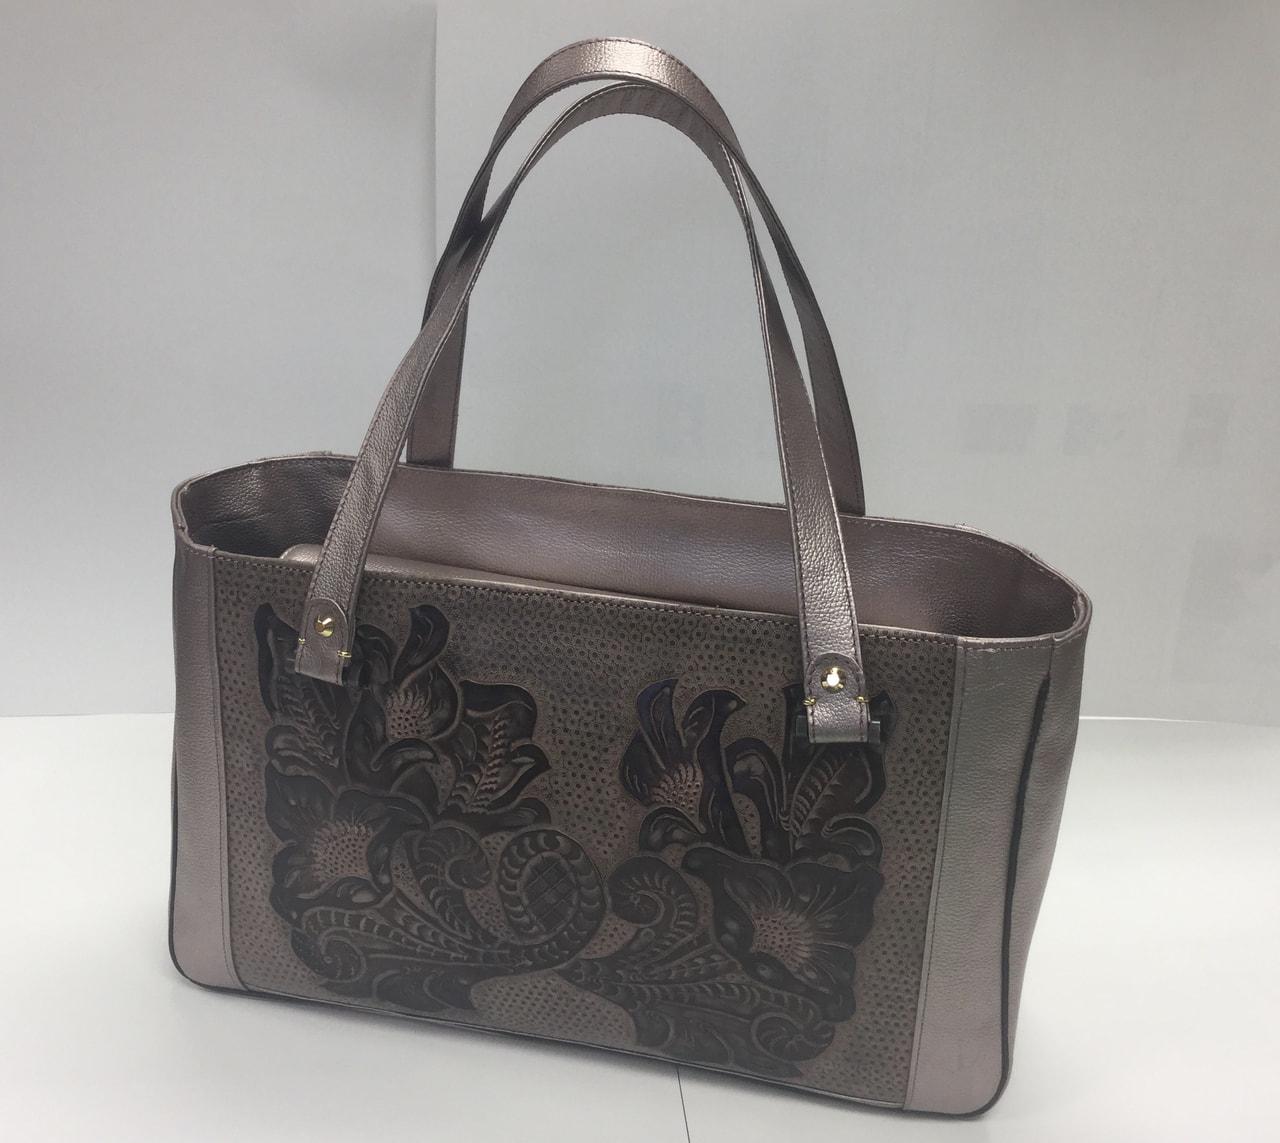 Tさんのショッピングバッグ